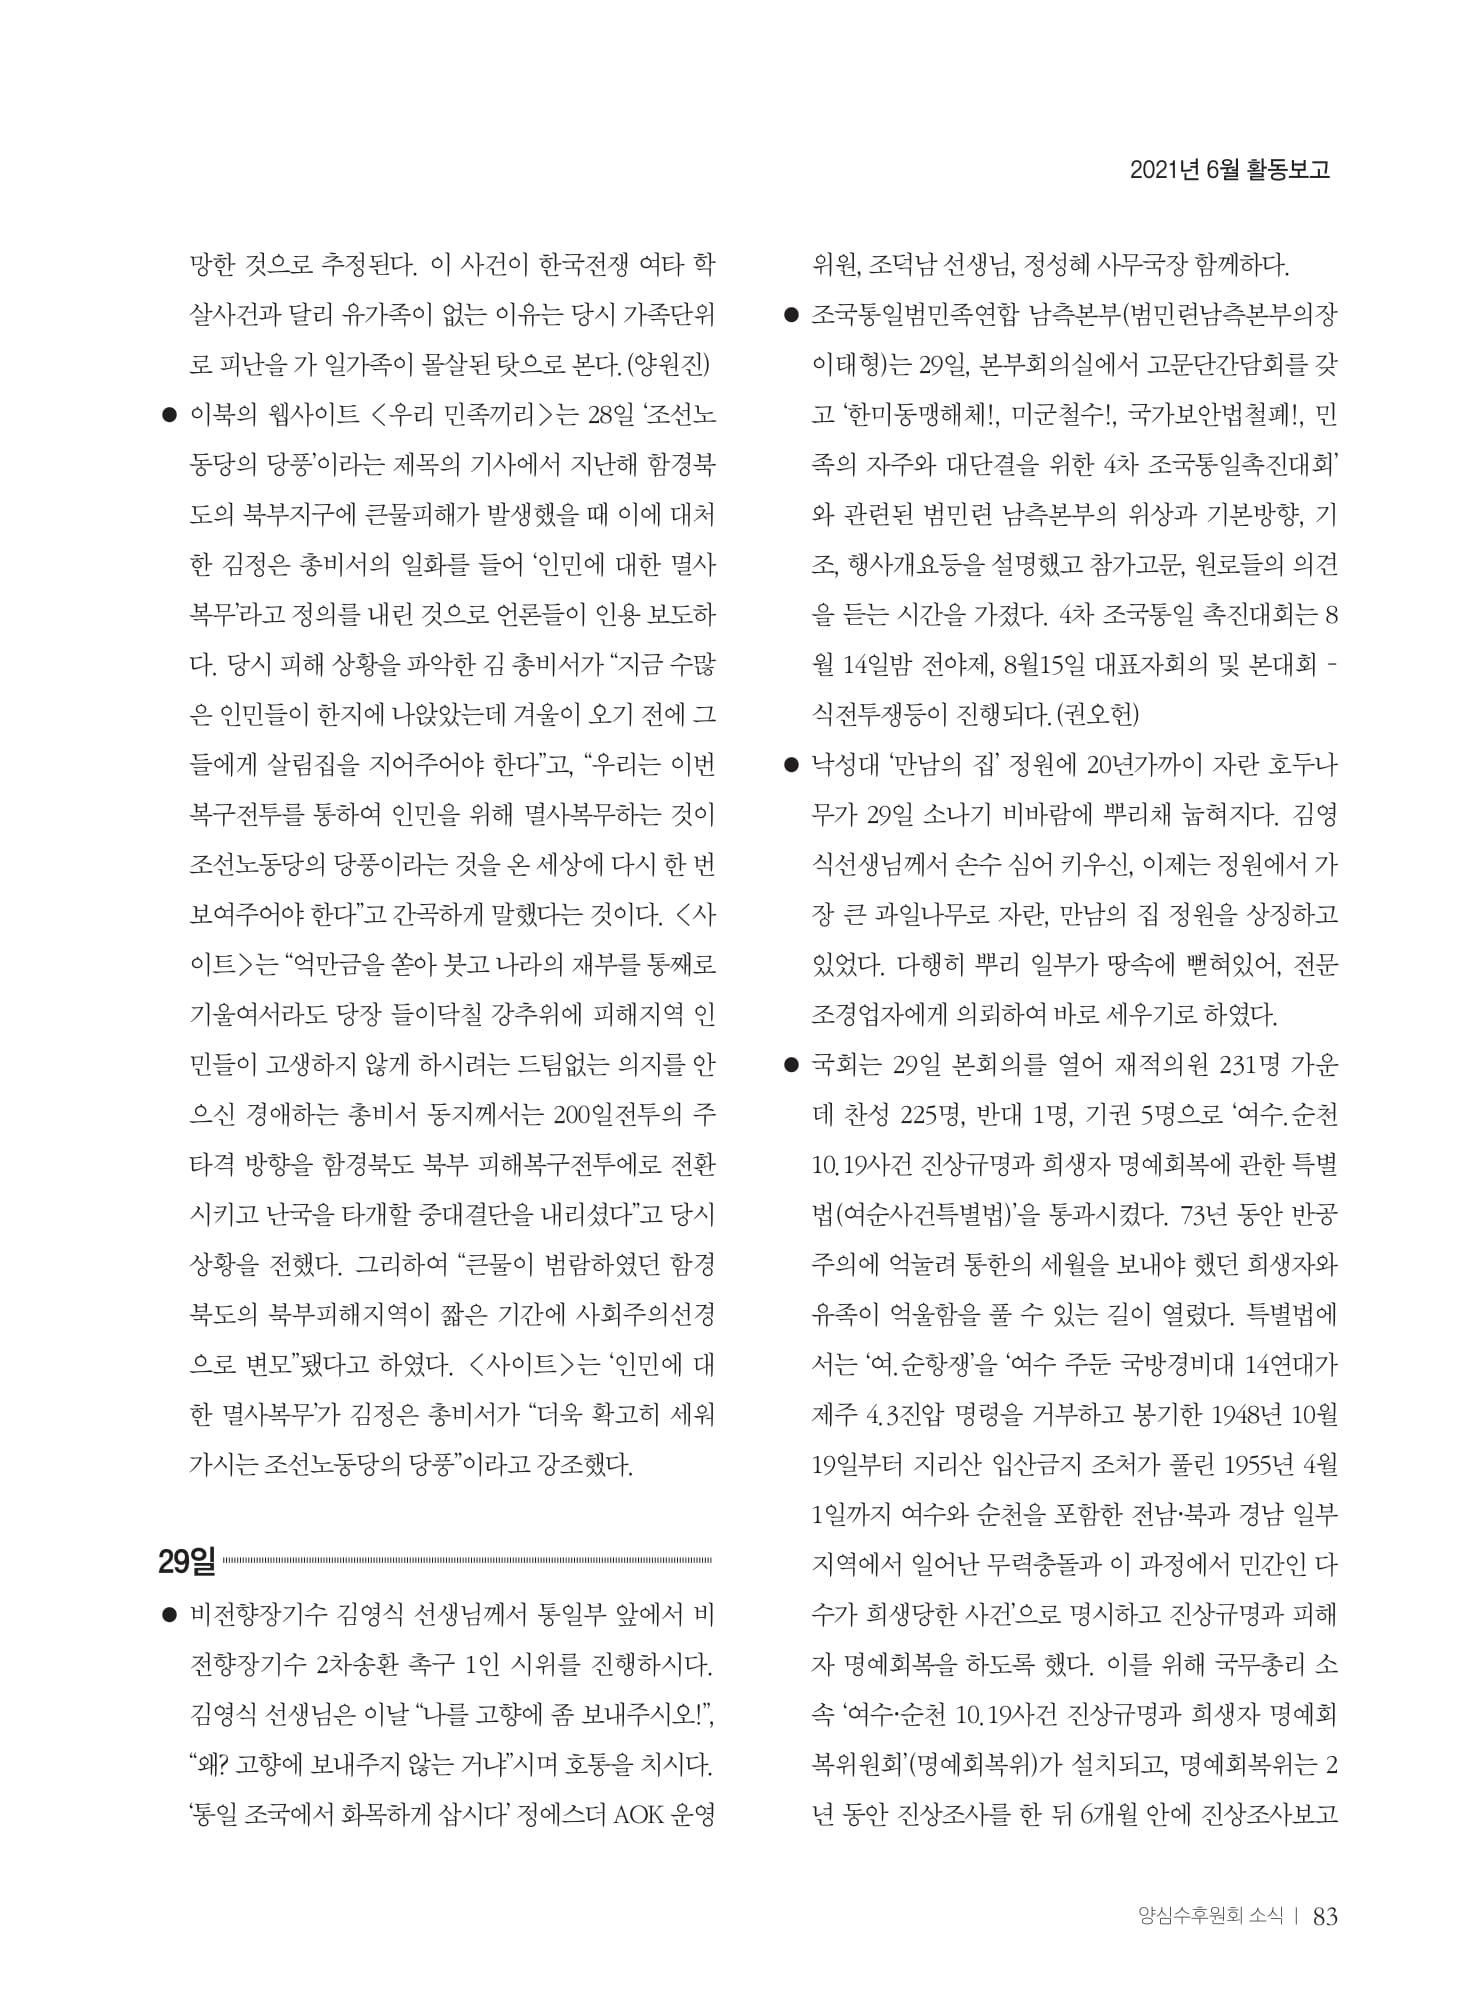 [양심수후원회] 소식지 354호 web 수정-85.jpg